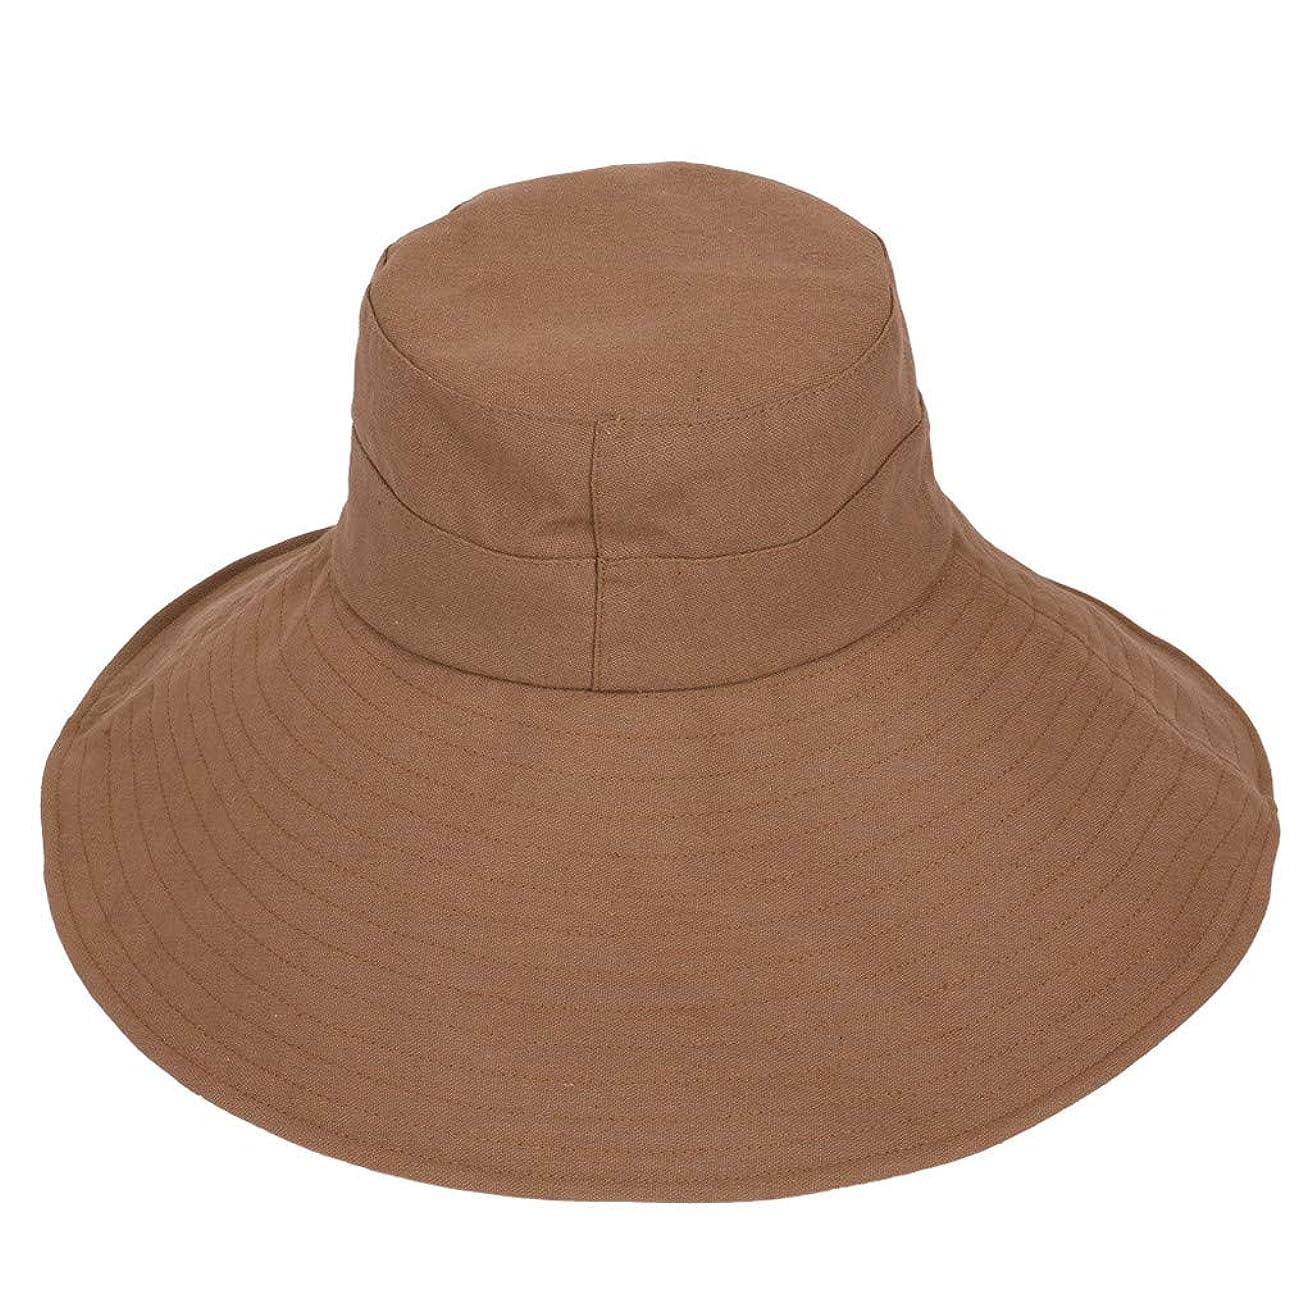 コロニー相対性理論隠漁師帽 ROSE ROMAN 帽子 レディース UVカット 帽子 UV帽子 日焼け防止 軽量 熱中症予防 取り外すあご紐 つば広 おしゃれ 可愛い 夏季 海 旅行 無地 ワイルド カジュアル スタイル ファッション シンプル 発送